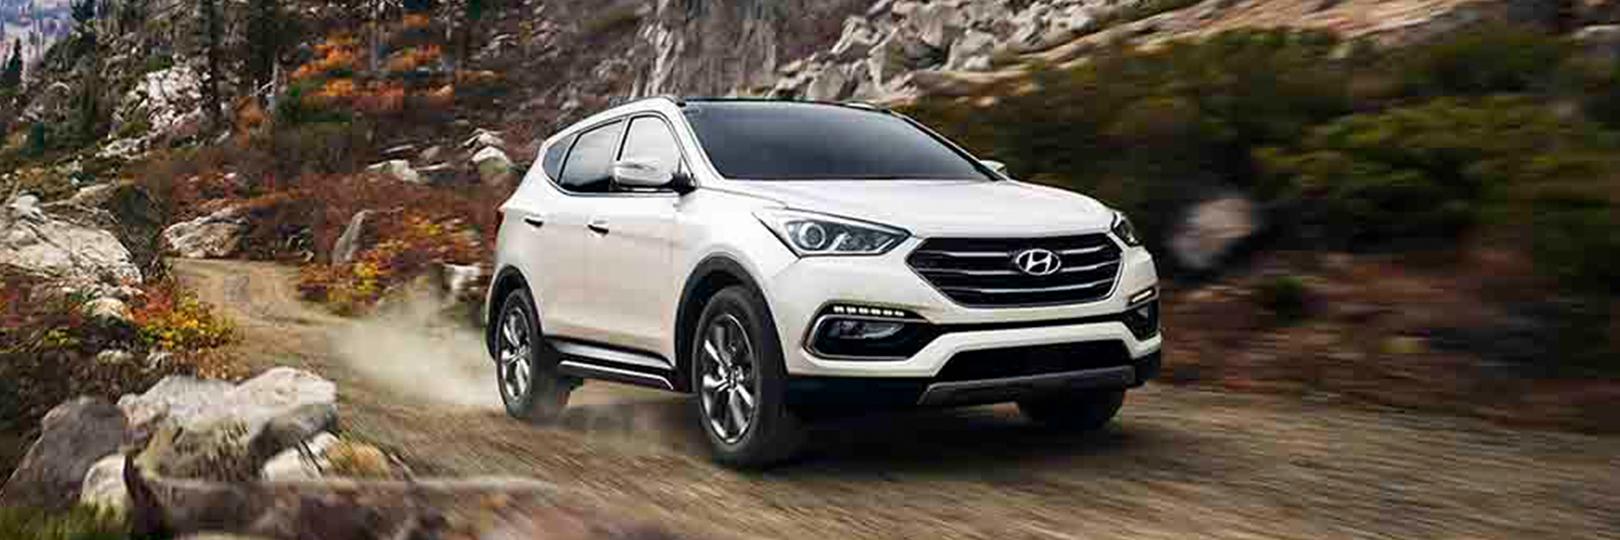 2018 Hyundai Santa Fe Sport Suv For Sale Baytown Hyundai